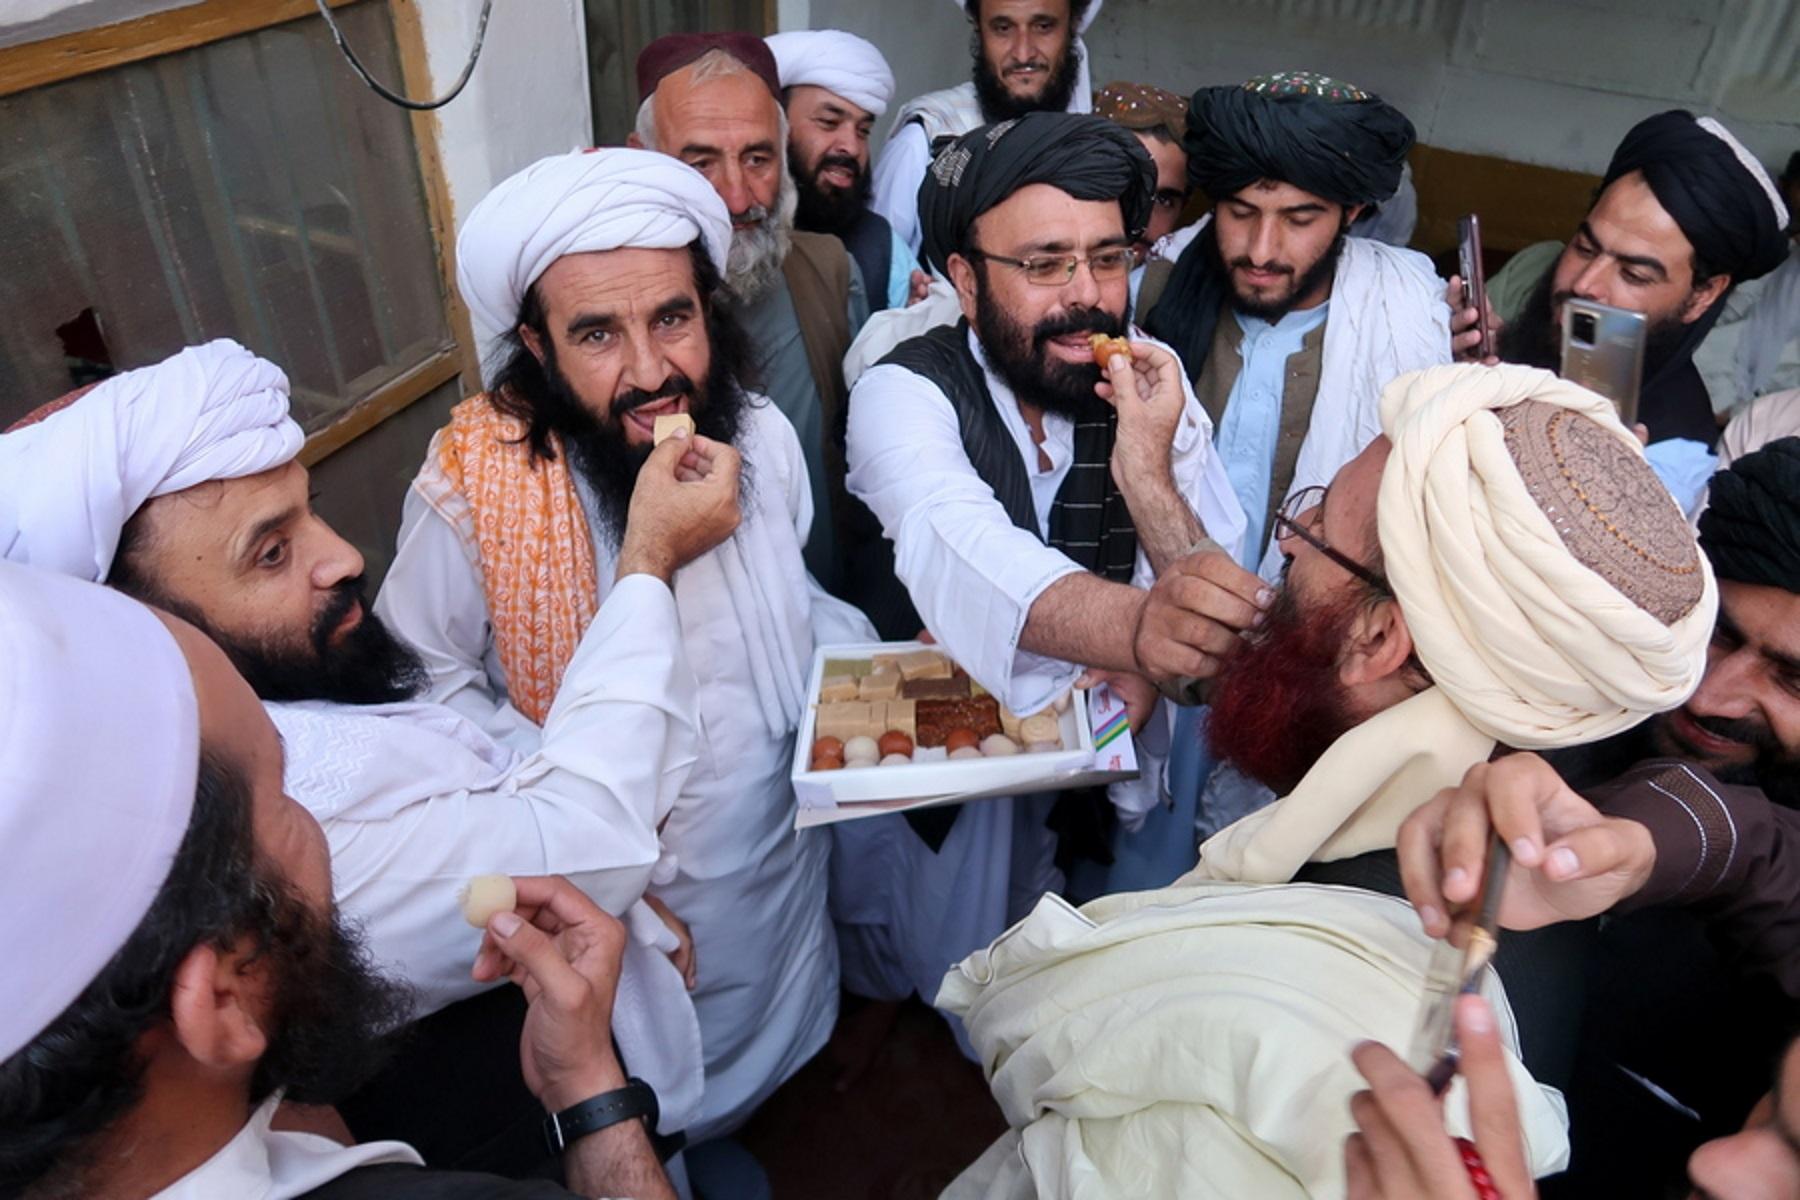 Αφγανιστάν: Οι Ταλιμπάν γιορτάζουν με γλυκά – Σε έκτακτες διαβουλεύσεις με διεθνείς εταίρους ο πρόεδρος της χώρας